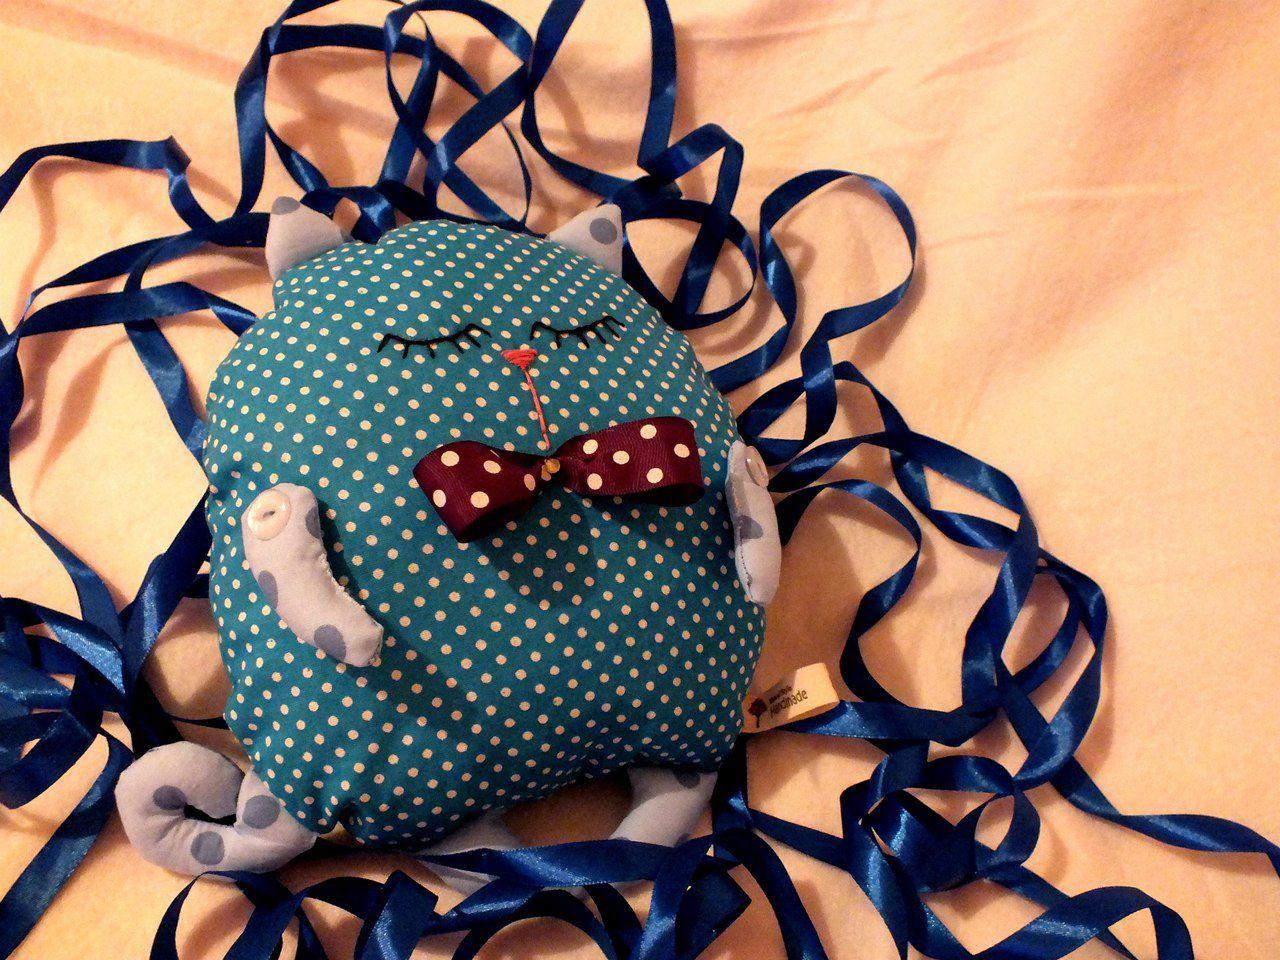 котик рукома сплюша красота хендмейд ткани кот своими